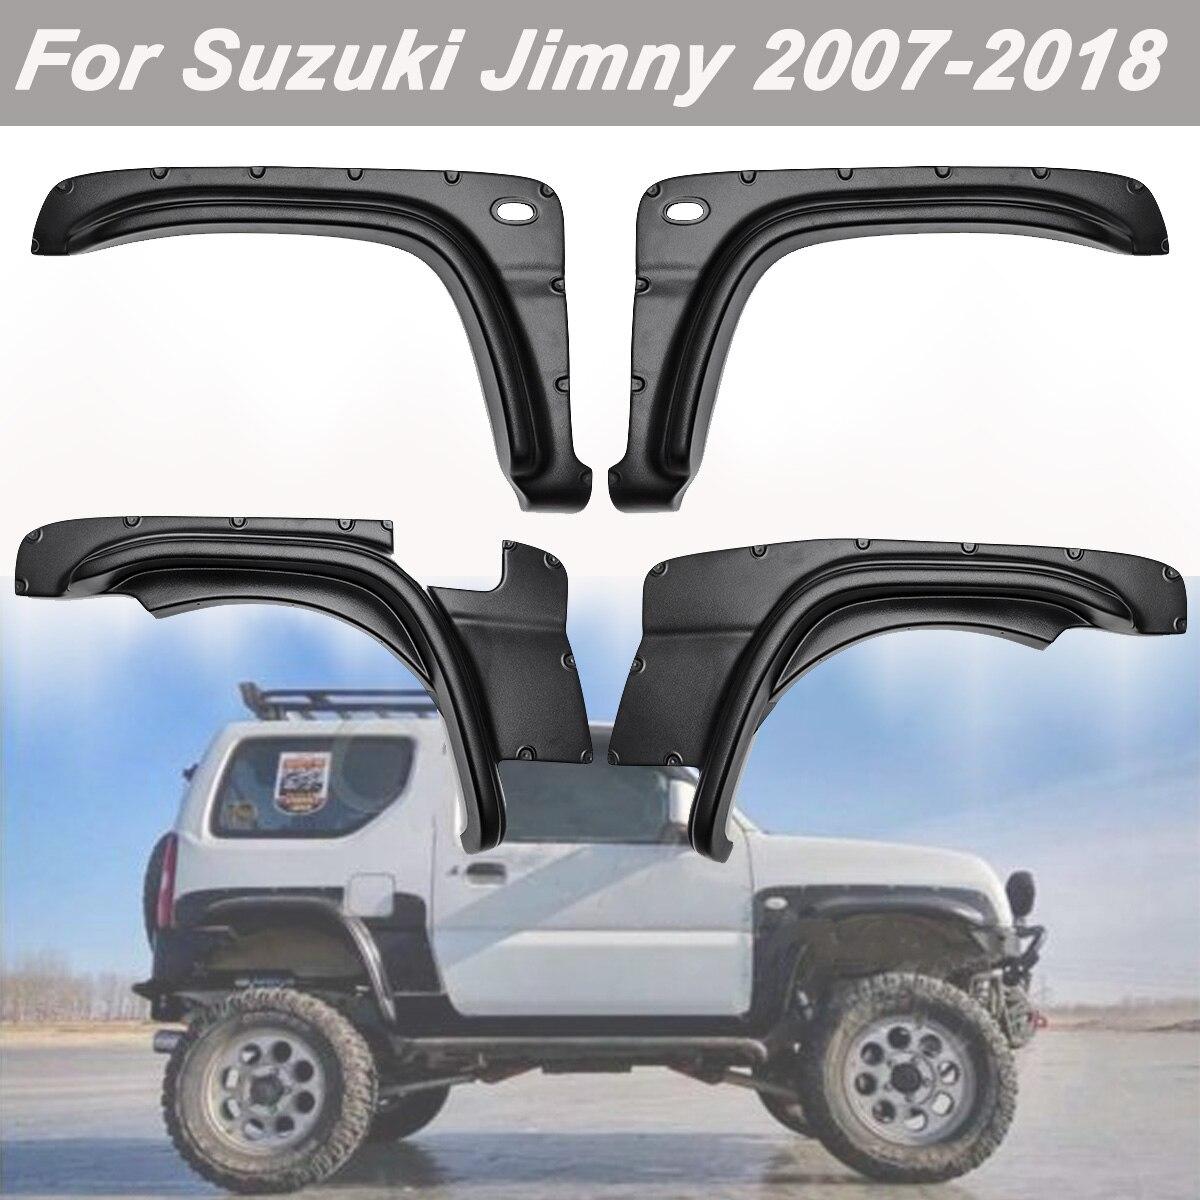 4 stuks Auto Wiel Wenkbrauw Ronde Arc Spatbord Spatlappen Spatborden Splash Guards Voor Suzuki jimny 2007-2017